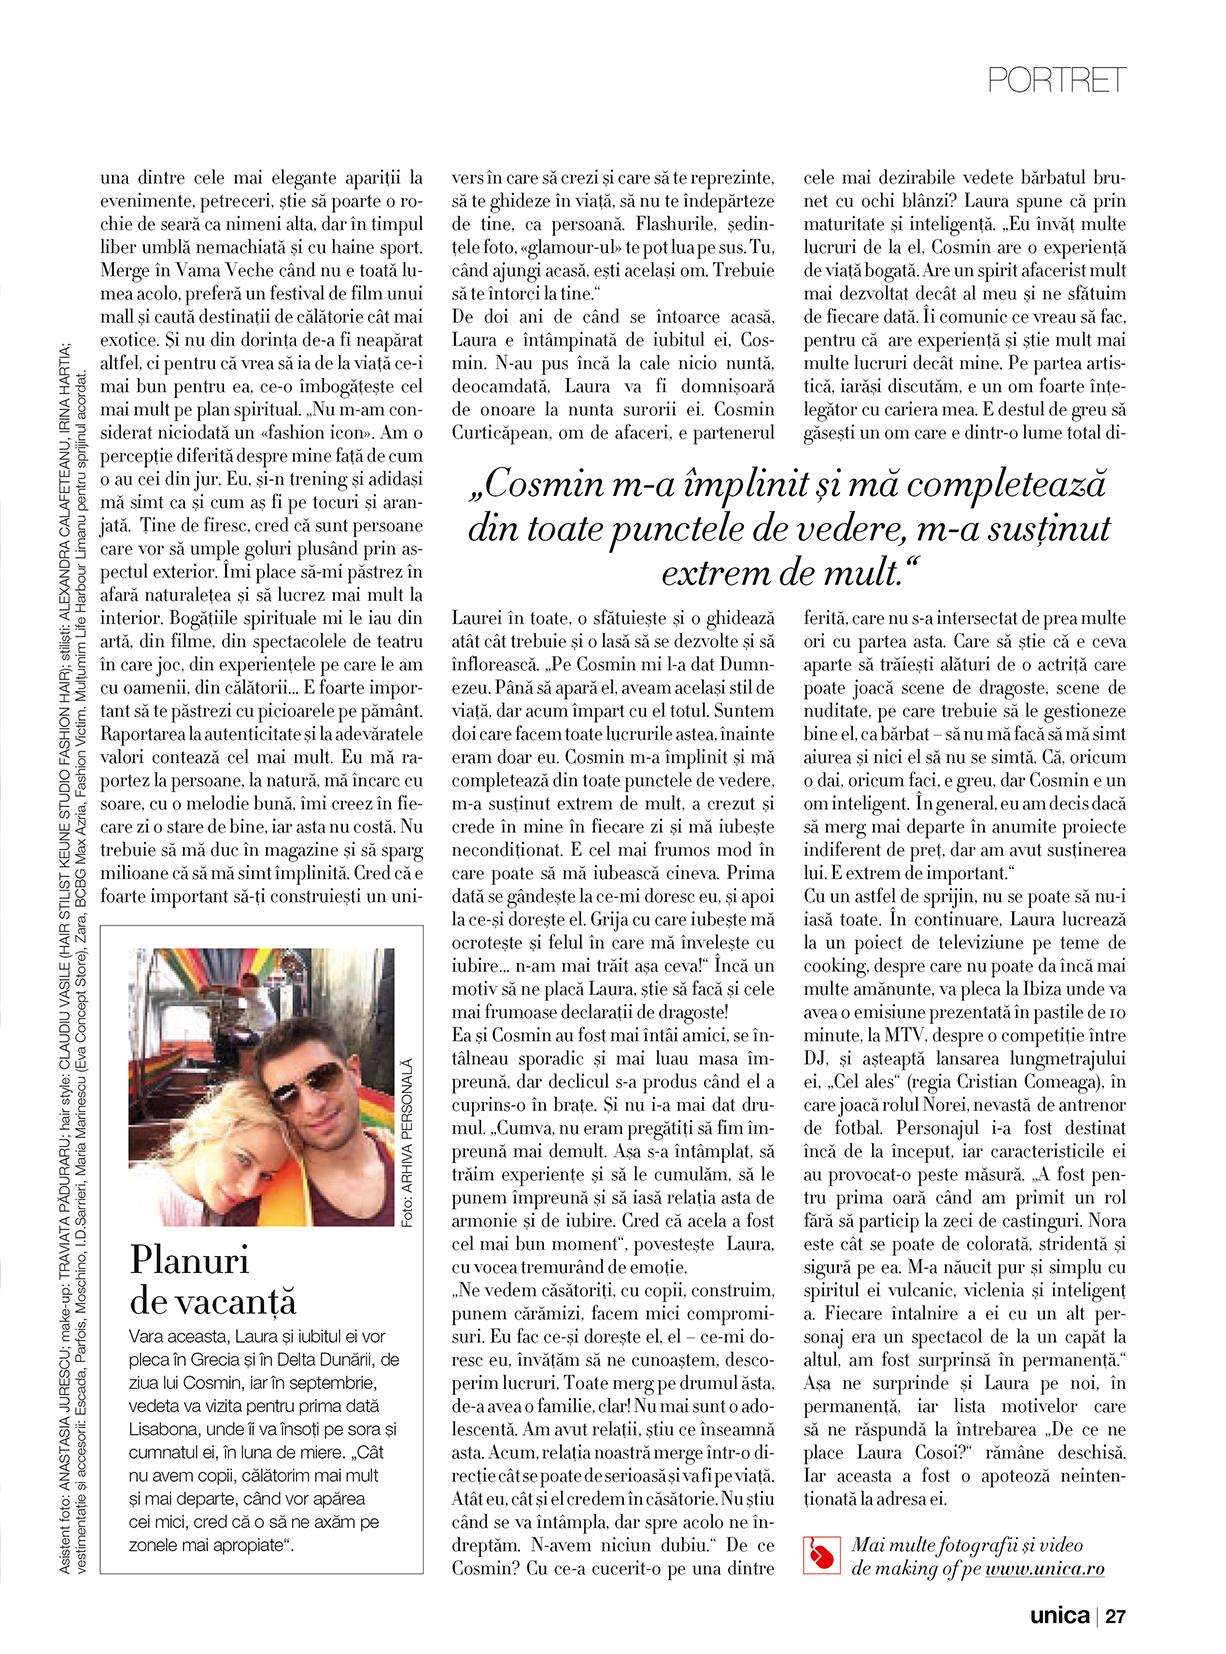 Laura Cosoi - Unica iulie 2014 - 06